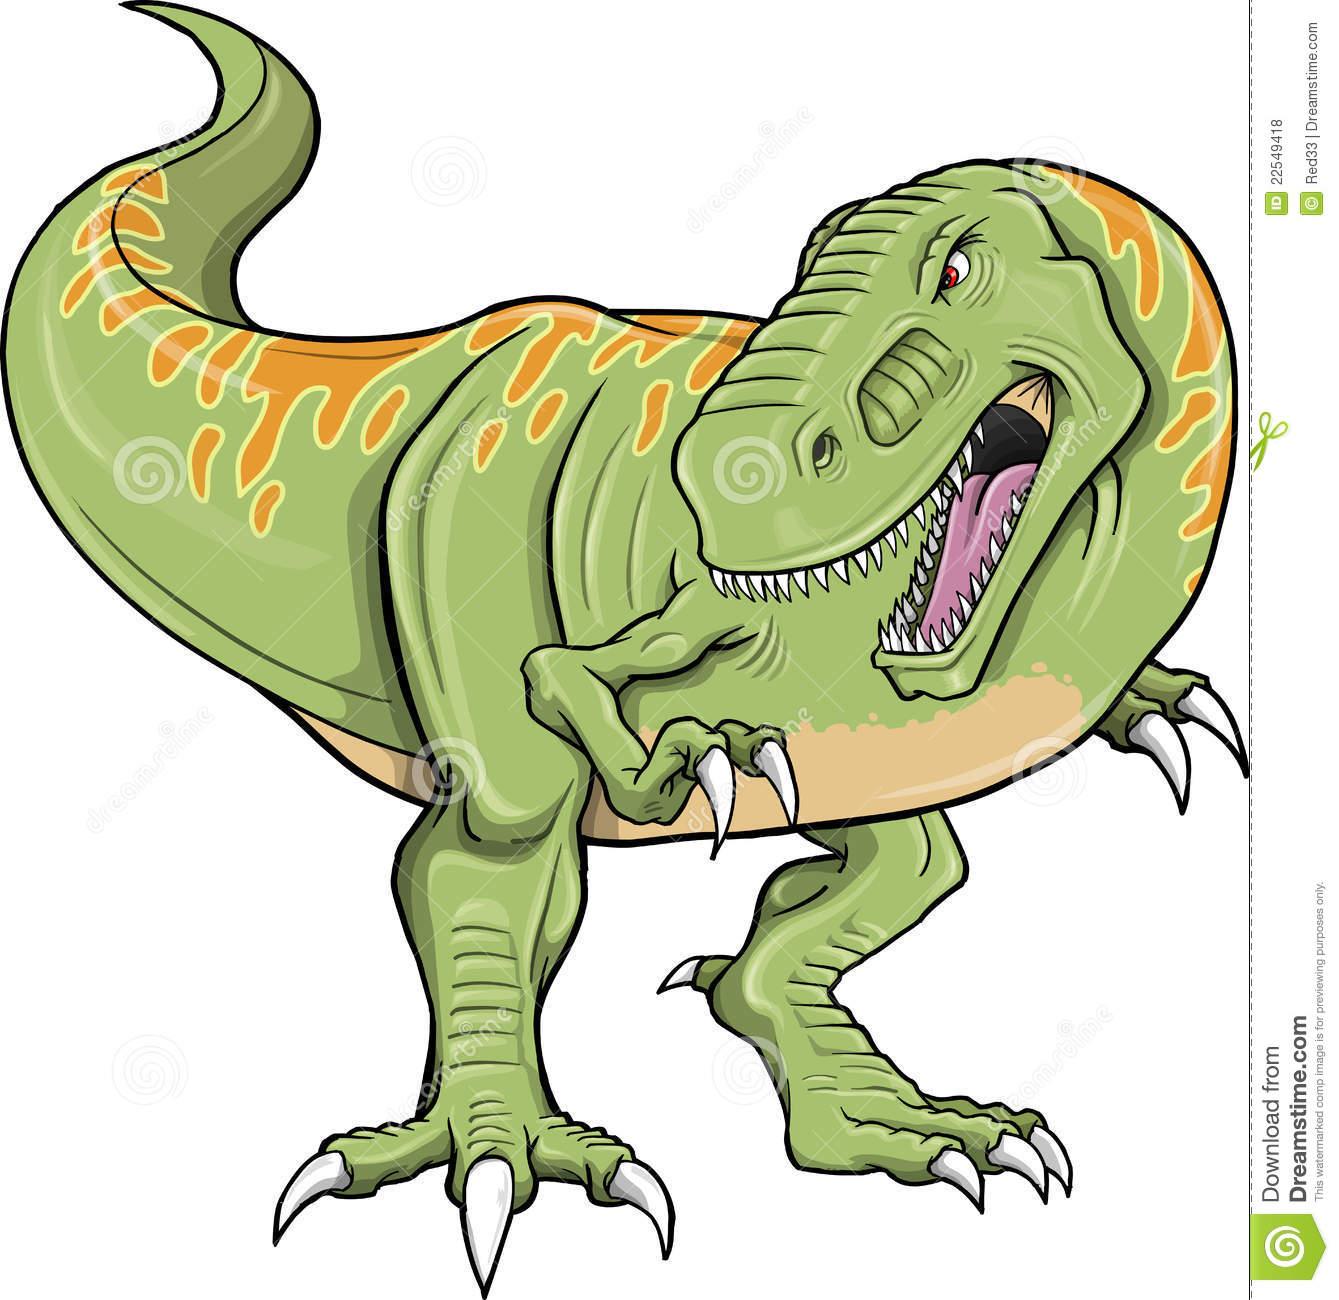 Videos of monster 3d cartoon t rex  hentai movies